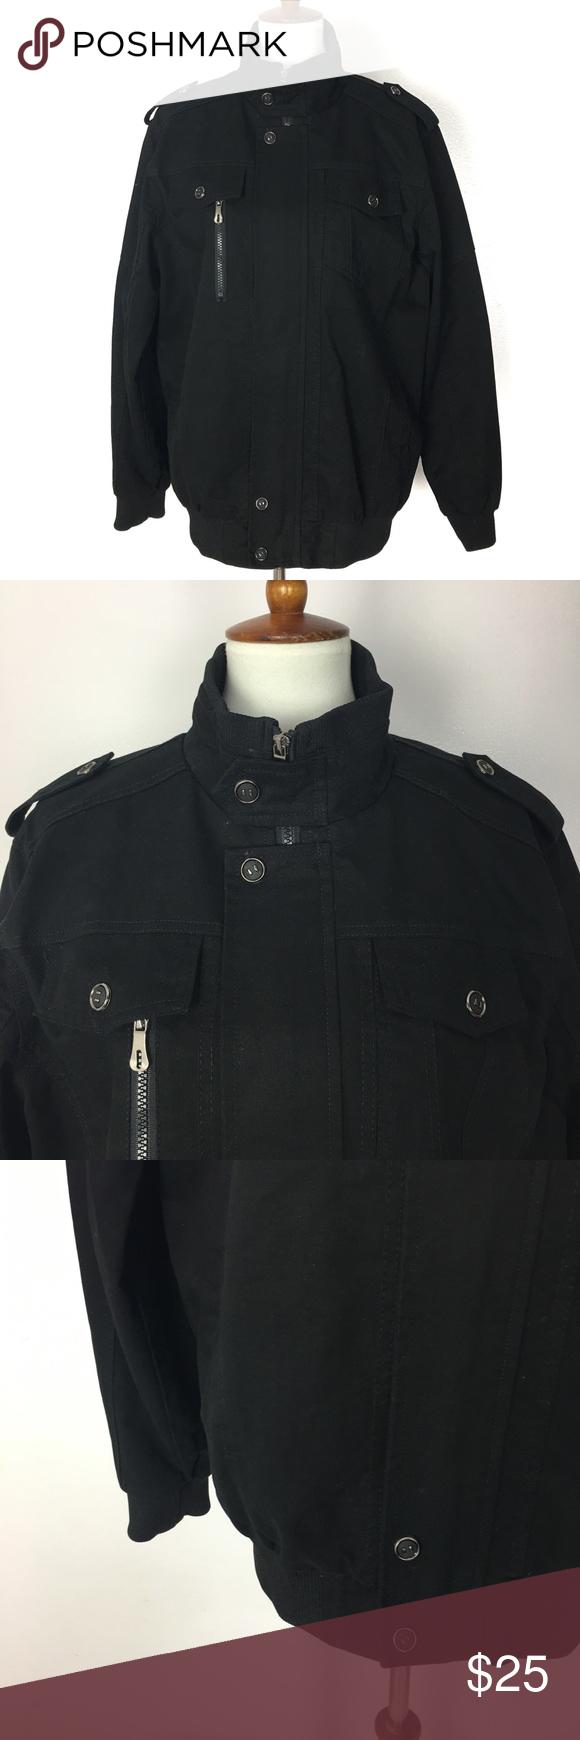 Moogen Men's Black Mock Neck Bomber Jacket (With images